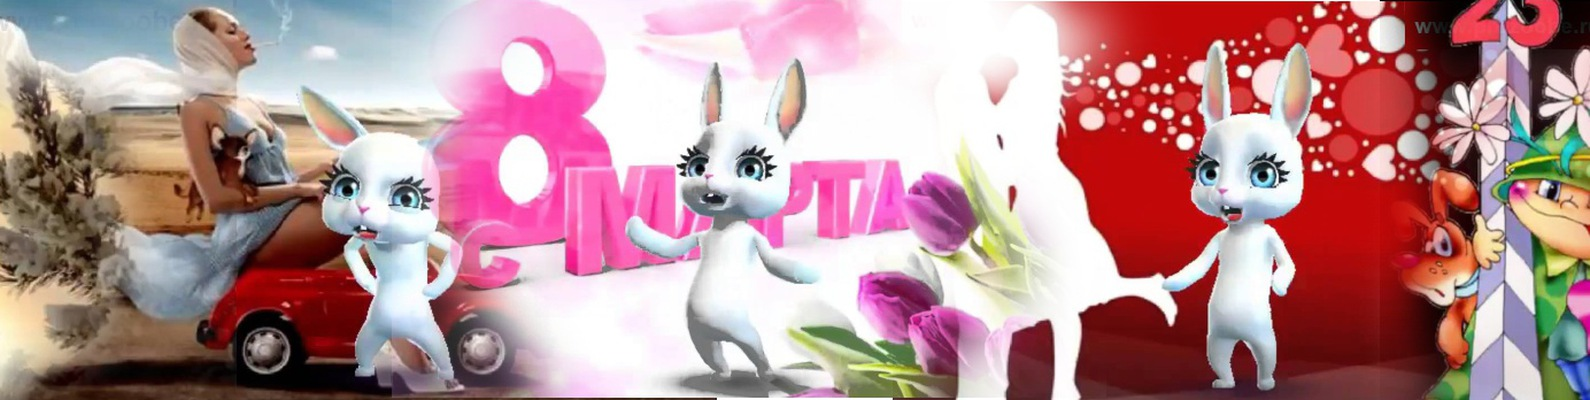 Музыкальное поздравление от зайцев